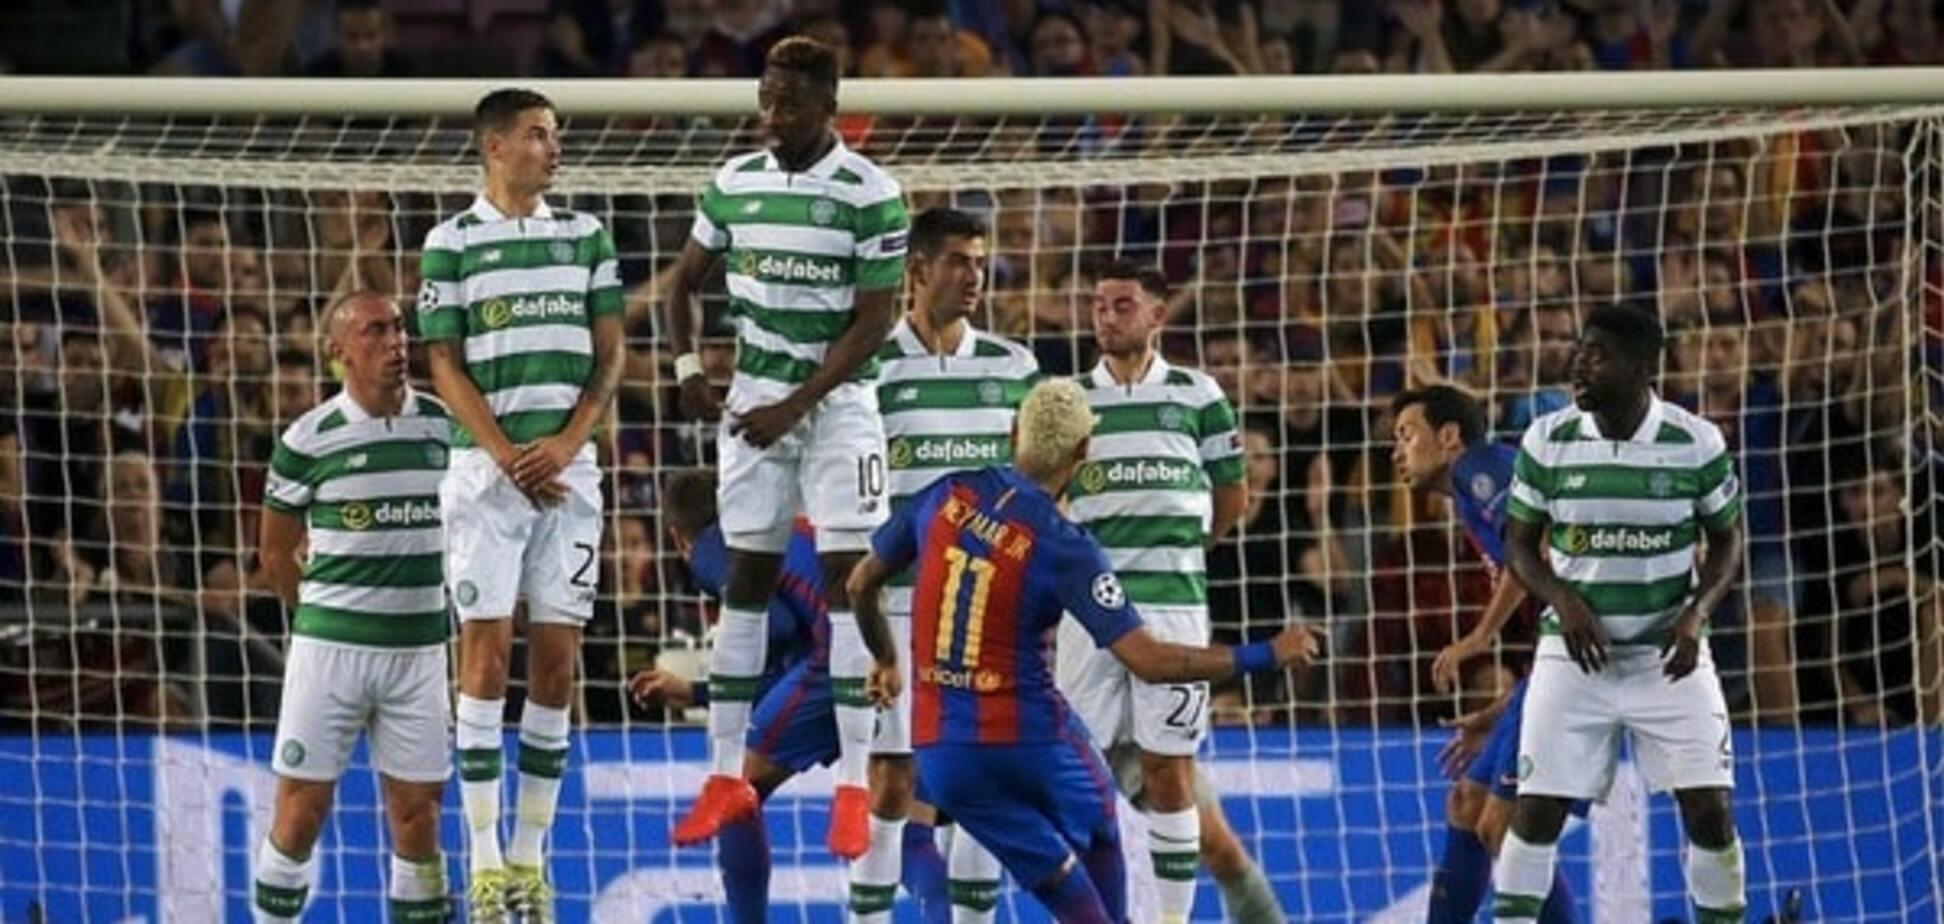 'Барселона' забила сім м'ячів у стартовому матчі Ліги чемпіонів: відео голів